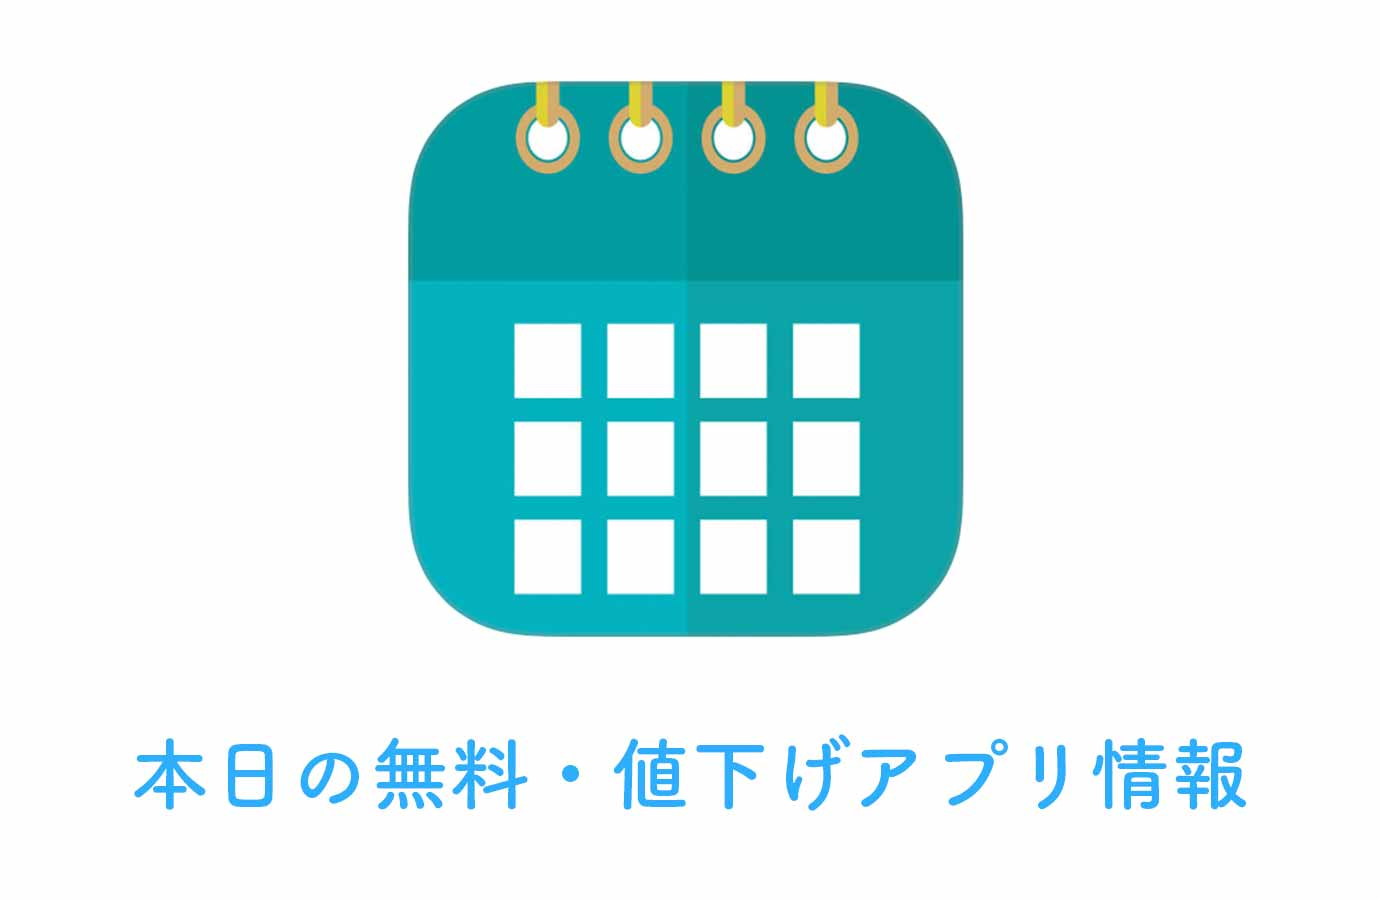 【120円→無料】ウィジェットにカレンダーが表示できる「センターウィジェット」など【2/7】本日の無料・値下げアプリ情報